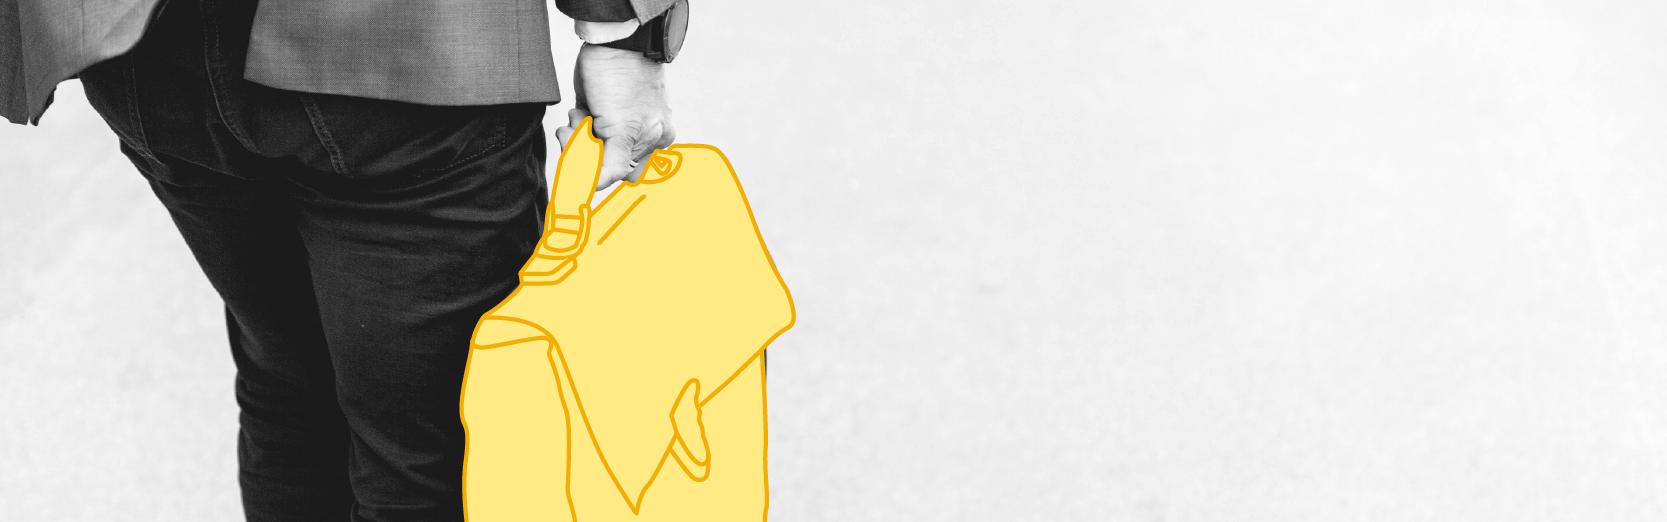 retour au travail, homme en costume tenant une malette jaune